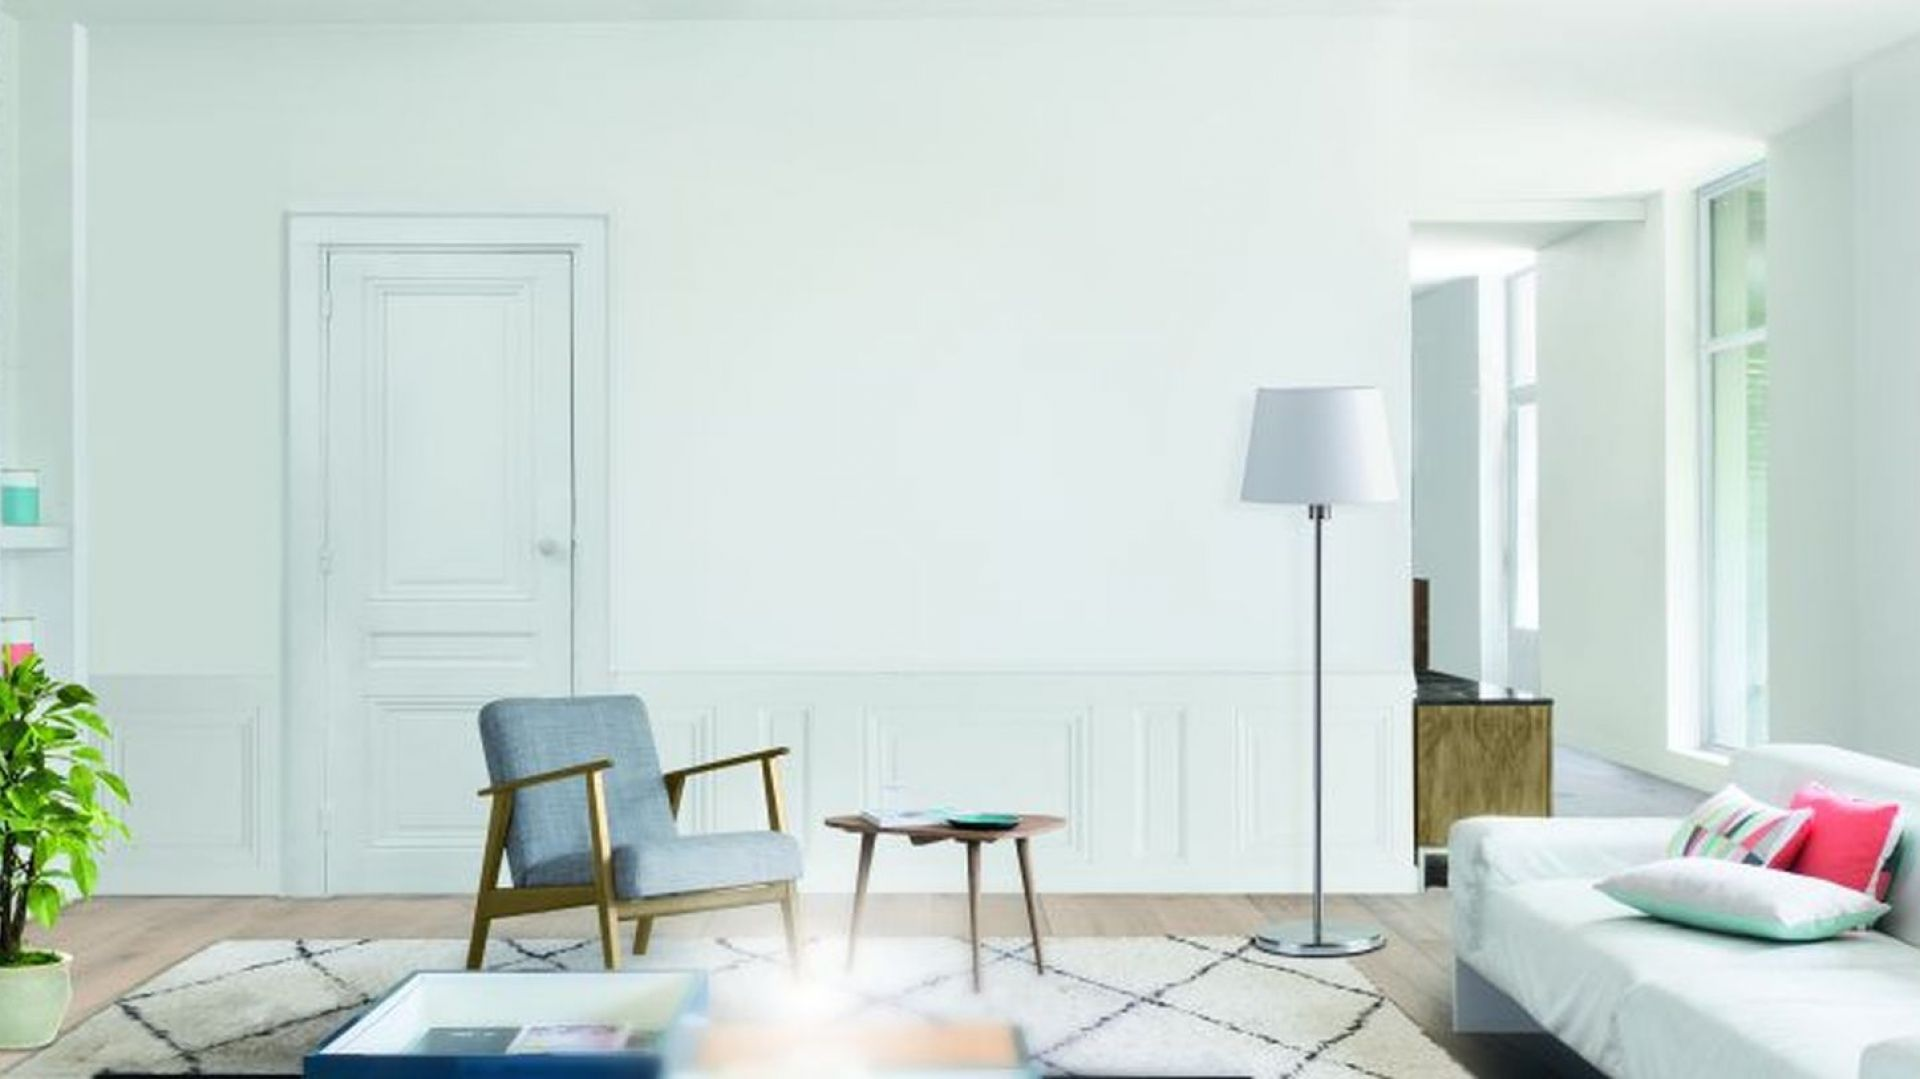 Malowanie ścian - stawiamy na klasyczną biel. Fot. V33